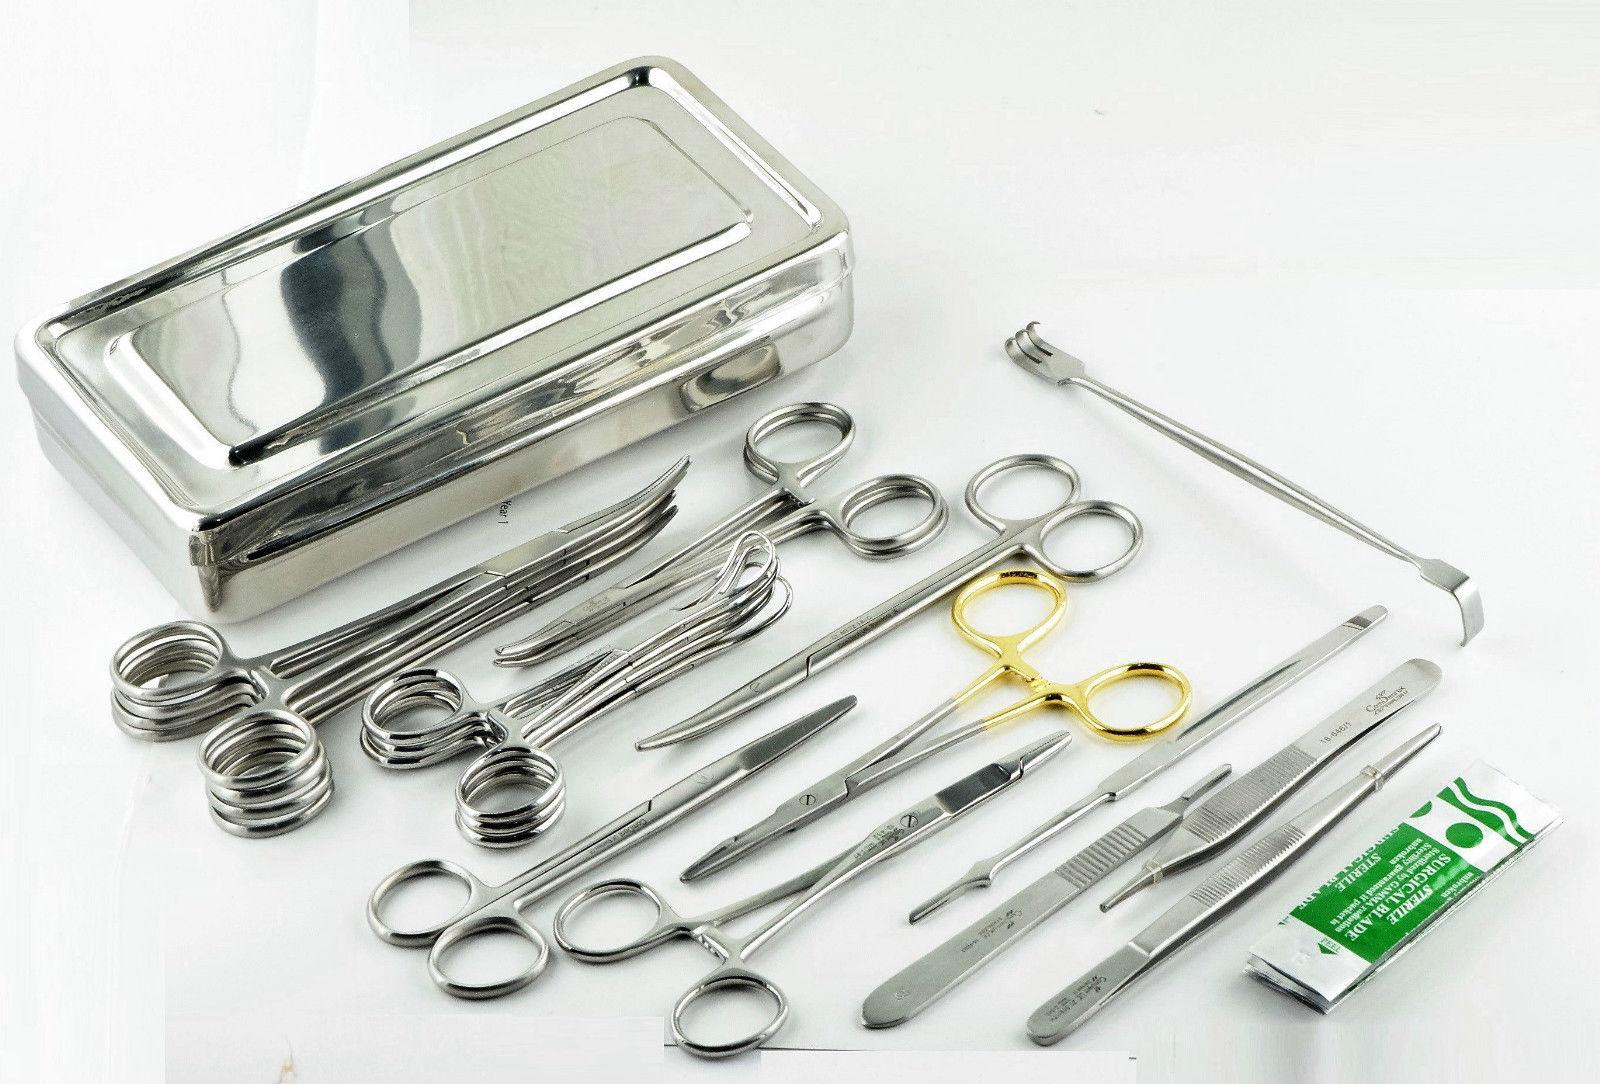 סט כלי ניתוח תוצרת אנגליה